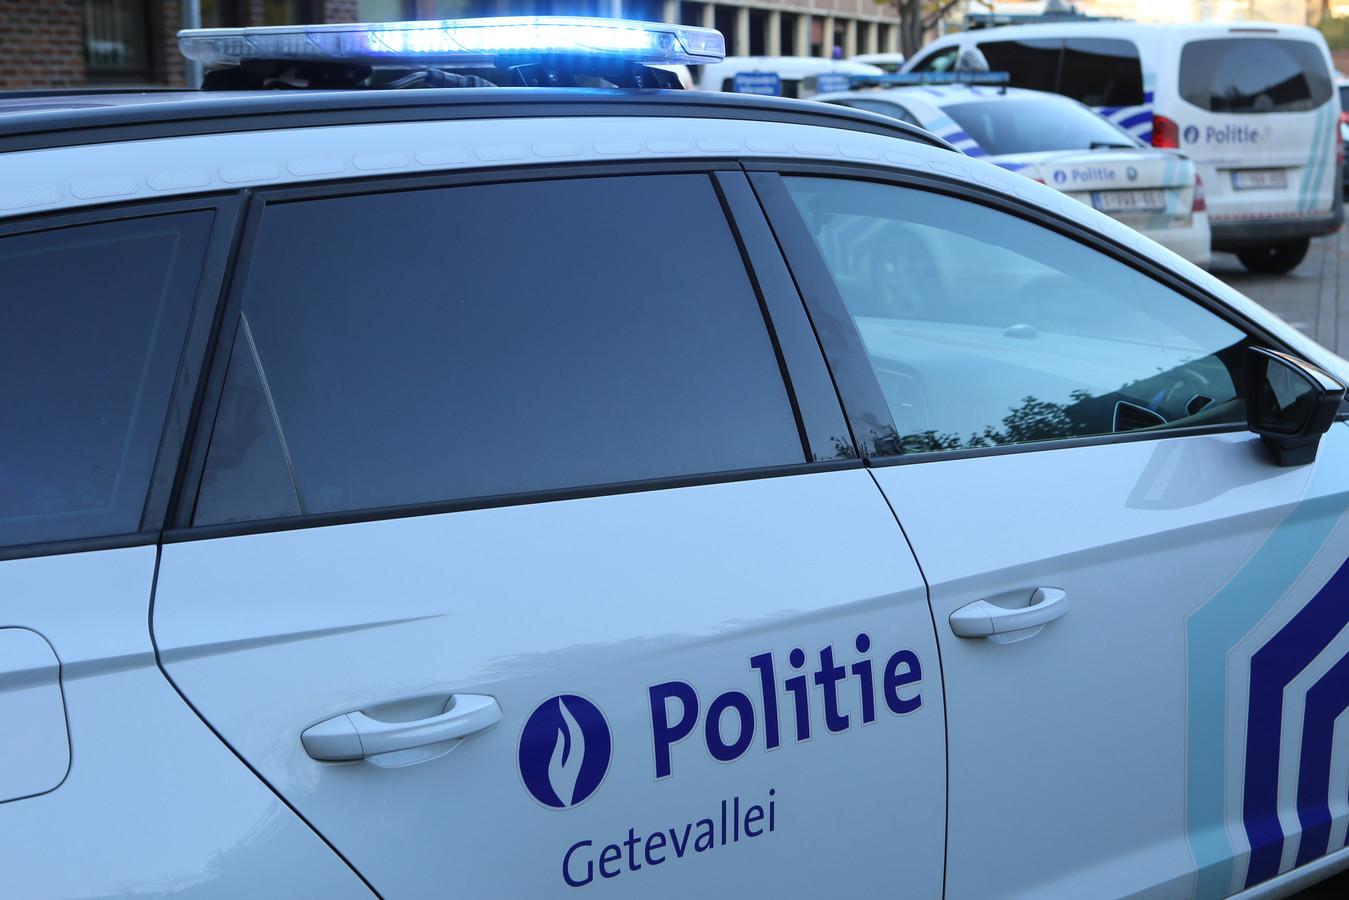 De politie die ter plaatse kwam voor de nodige vaststellingen, liet de wagen takelen.